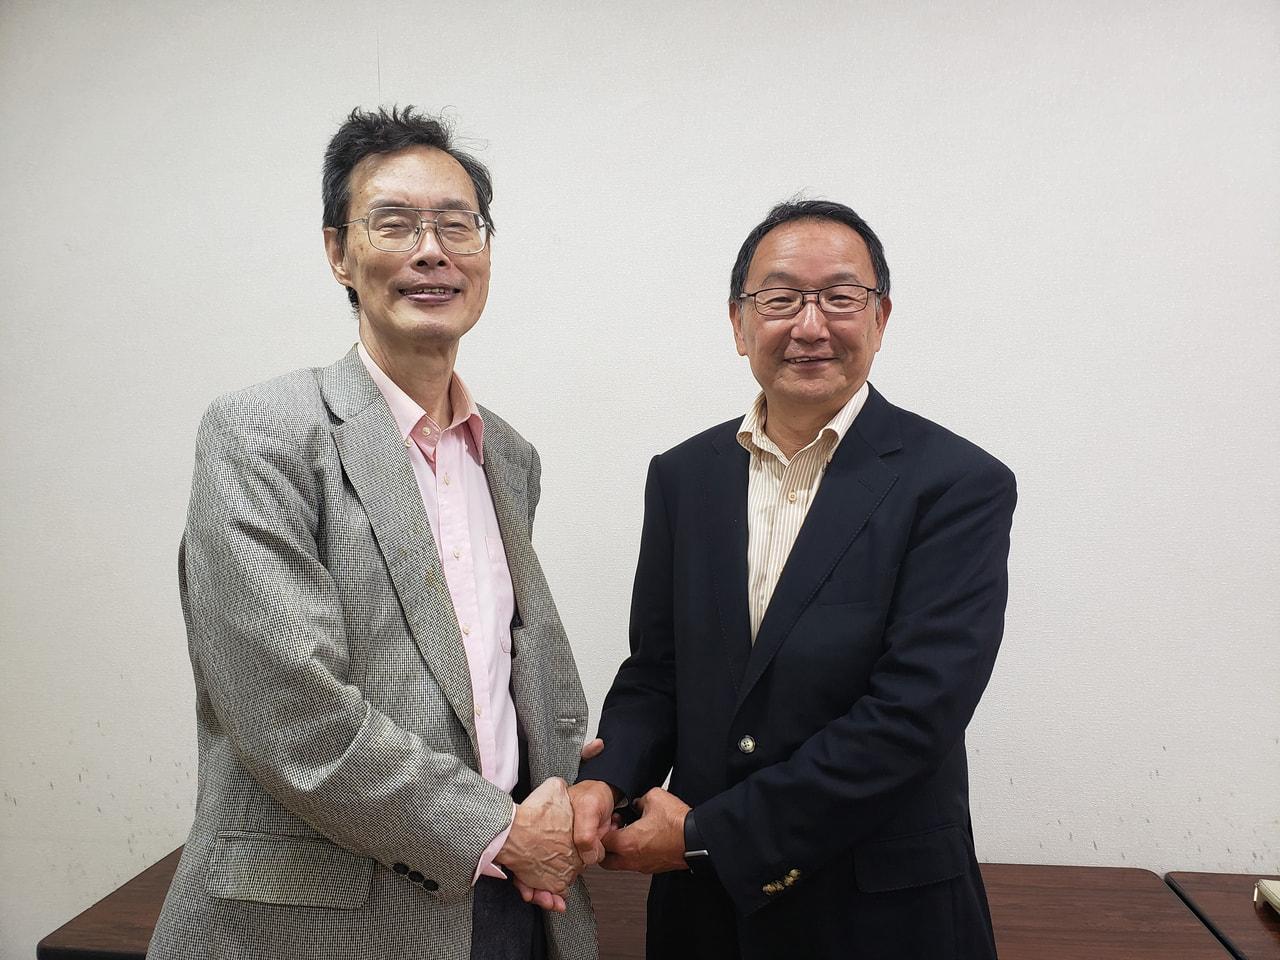 2019年12月 アトリエDEF代表取締役 大井明弘